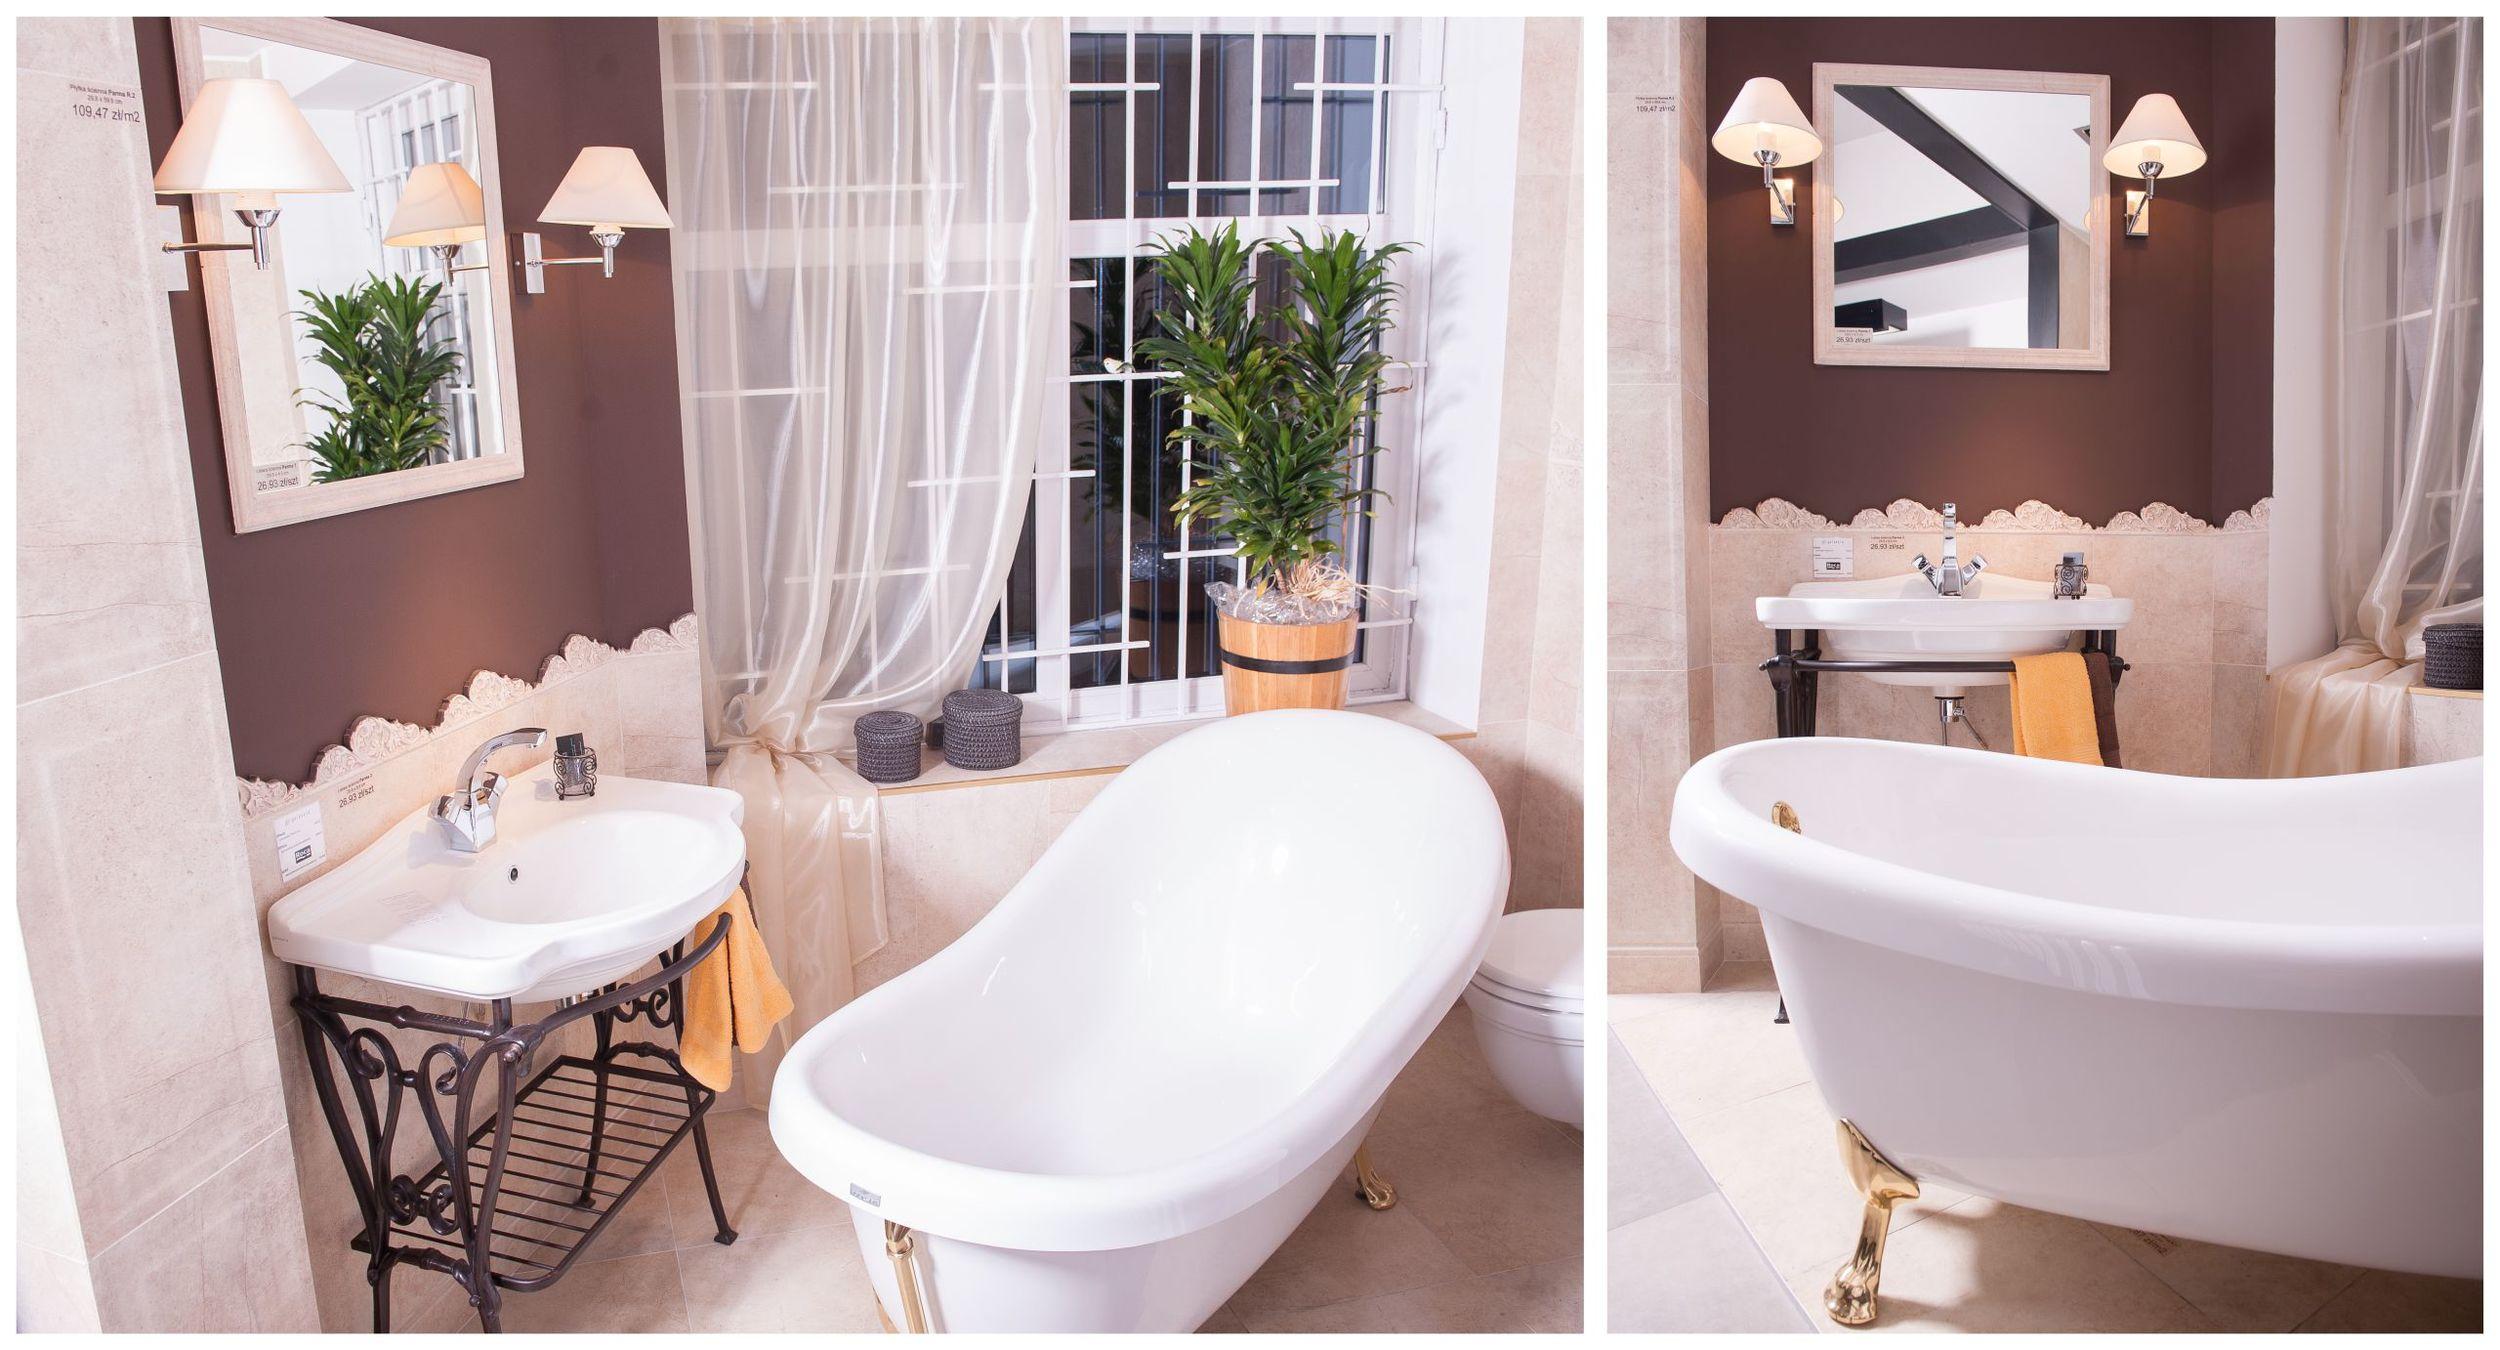 Salon wyposażenia łazienek Kamgres | Tubądzin | Roca